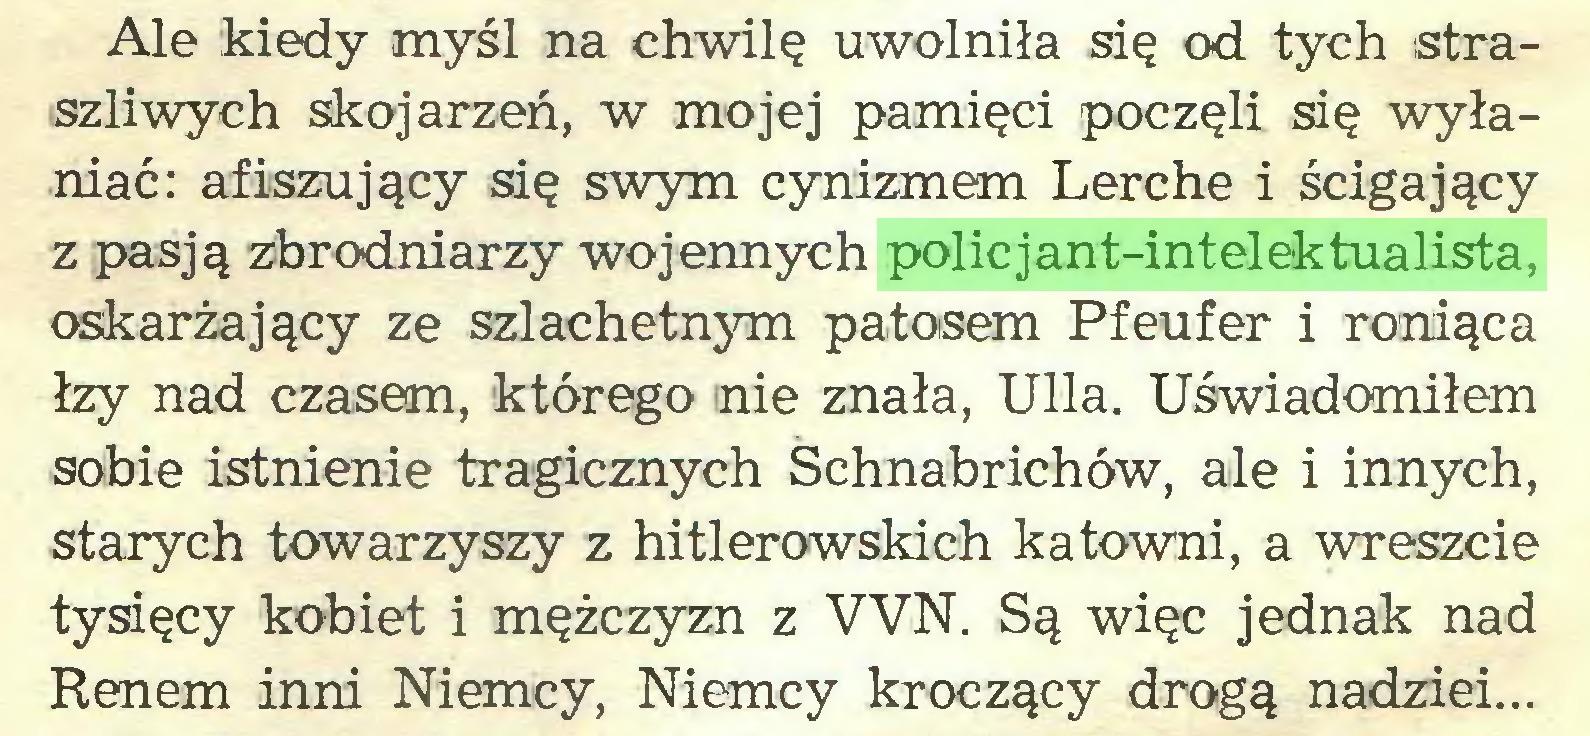 (...) Ale kiedy myśl na chwilę uwolniła się od tych straszliwych skojarzeń, w mojej pamięci poczęli się wyłaniać: afiszujący się swym cynizmem Lerche i ścigający z pasją zbrodniarzy wojennych policjant-intelektualista, oskarżający ze szlachetnym patosem Pfeufer i roniąca łzy nad czasem, którego nie znała, Ulla. Uświadomiłem sobie istnienie tragicznych Schnabrichów, ale i innych, starych towarzyszy z hitlerowskich katowni, a wreszcie tysięcy kobiet i mężczyzn z VVN. Są więc jednak nad Renem inni Niemcy, Niemcy kroczący drogą nadziei...